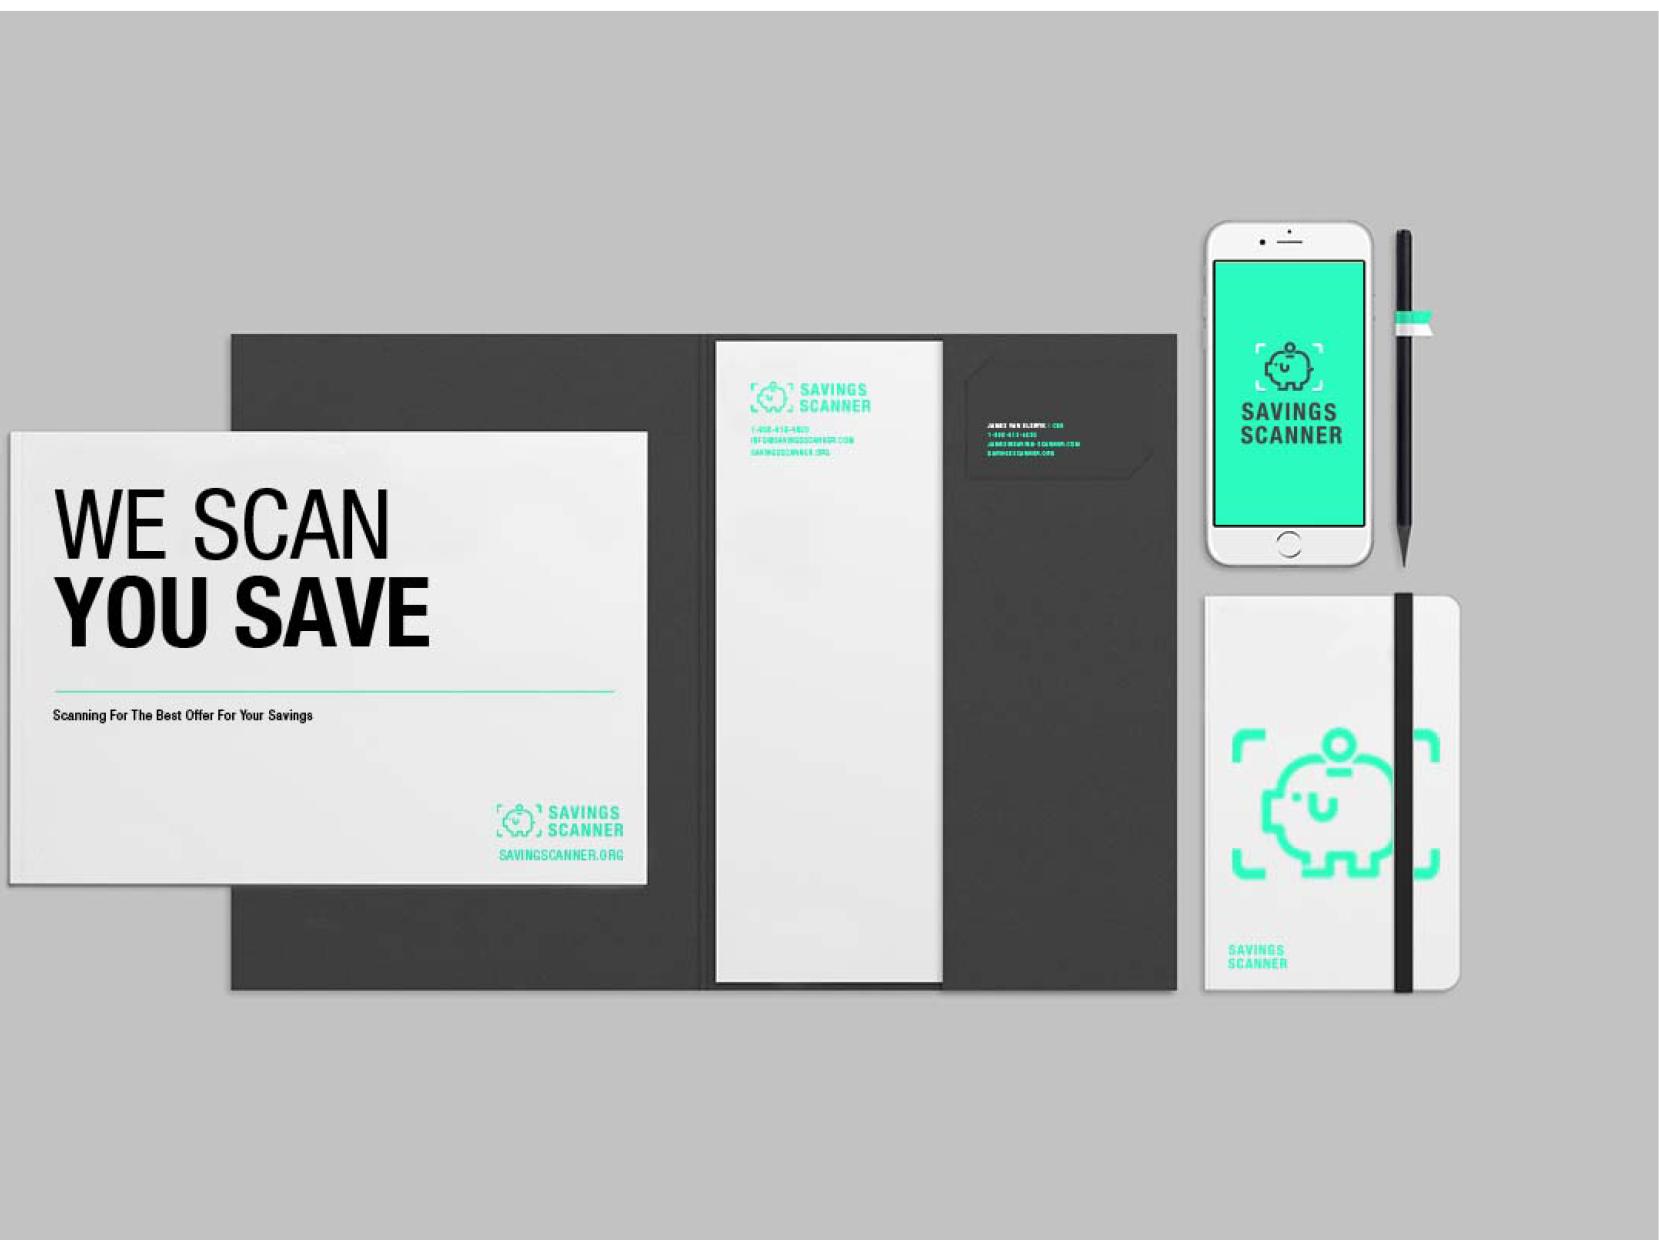 savings-scanner-web8